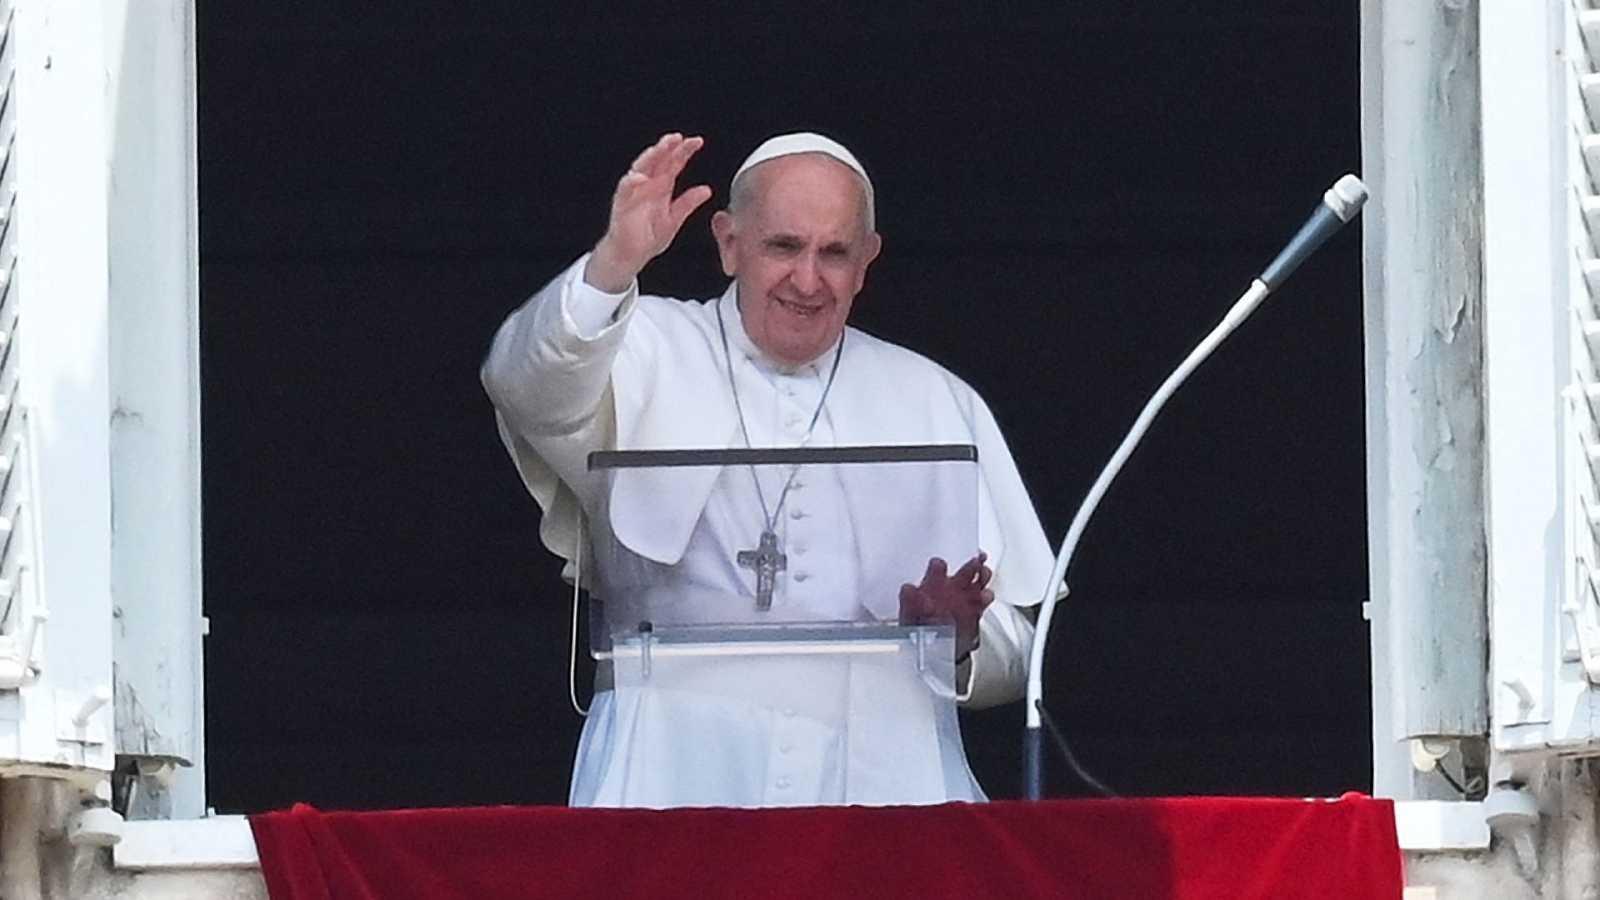 El papa Francisco reaparece después de su cirugía - FARO INFORMA